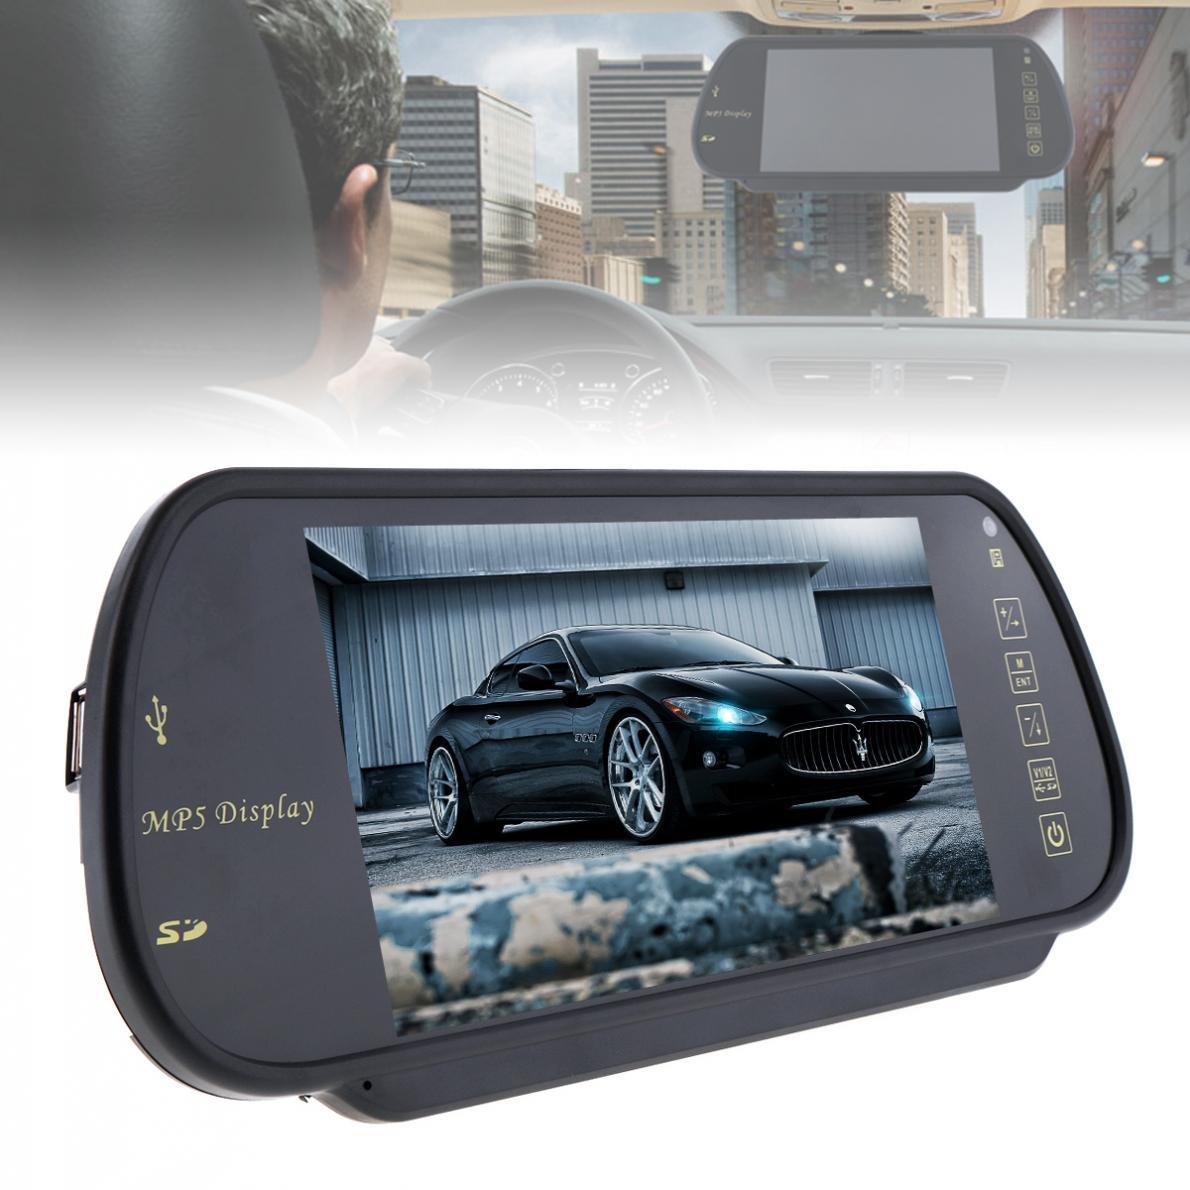 TFT de 7 pulgadas en Color LCD espejo retrovisor del coche Monitor Auto vehículo aparcamiento copia de seguridad reversa soporte de Monitor SD / USB